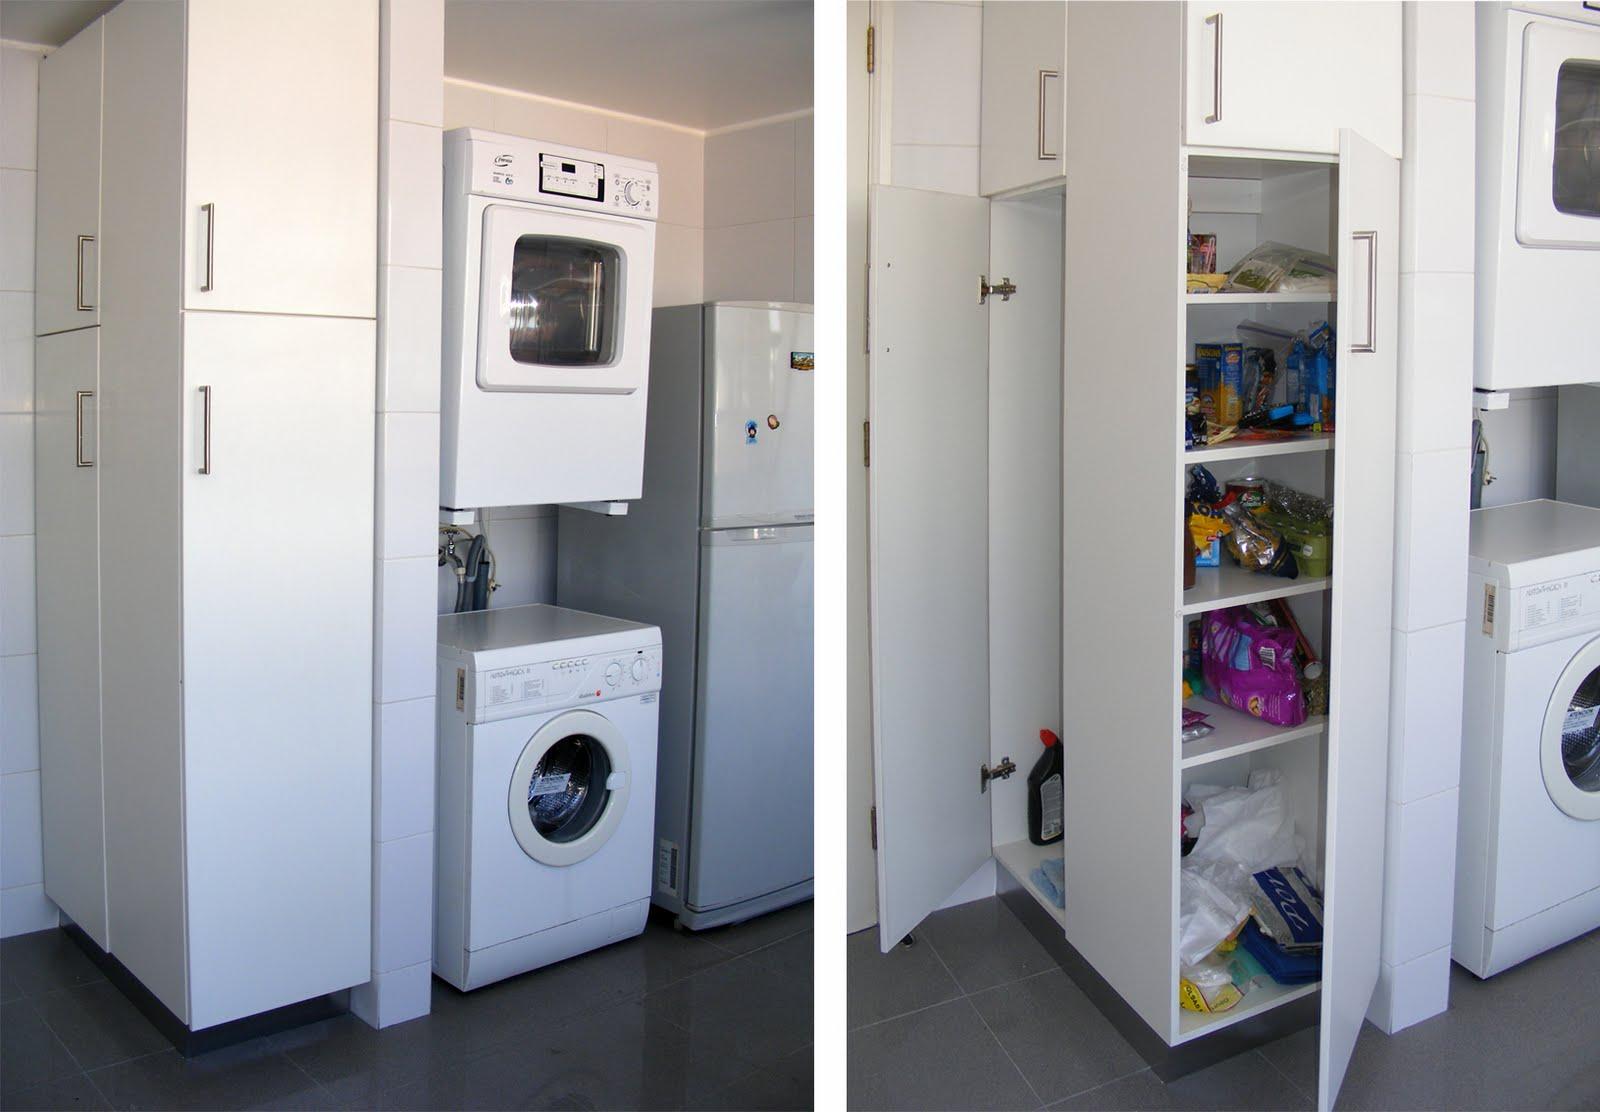 Plus ayd espacio multifuncional en la cocina - Secadora encima lavadora ...